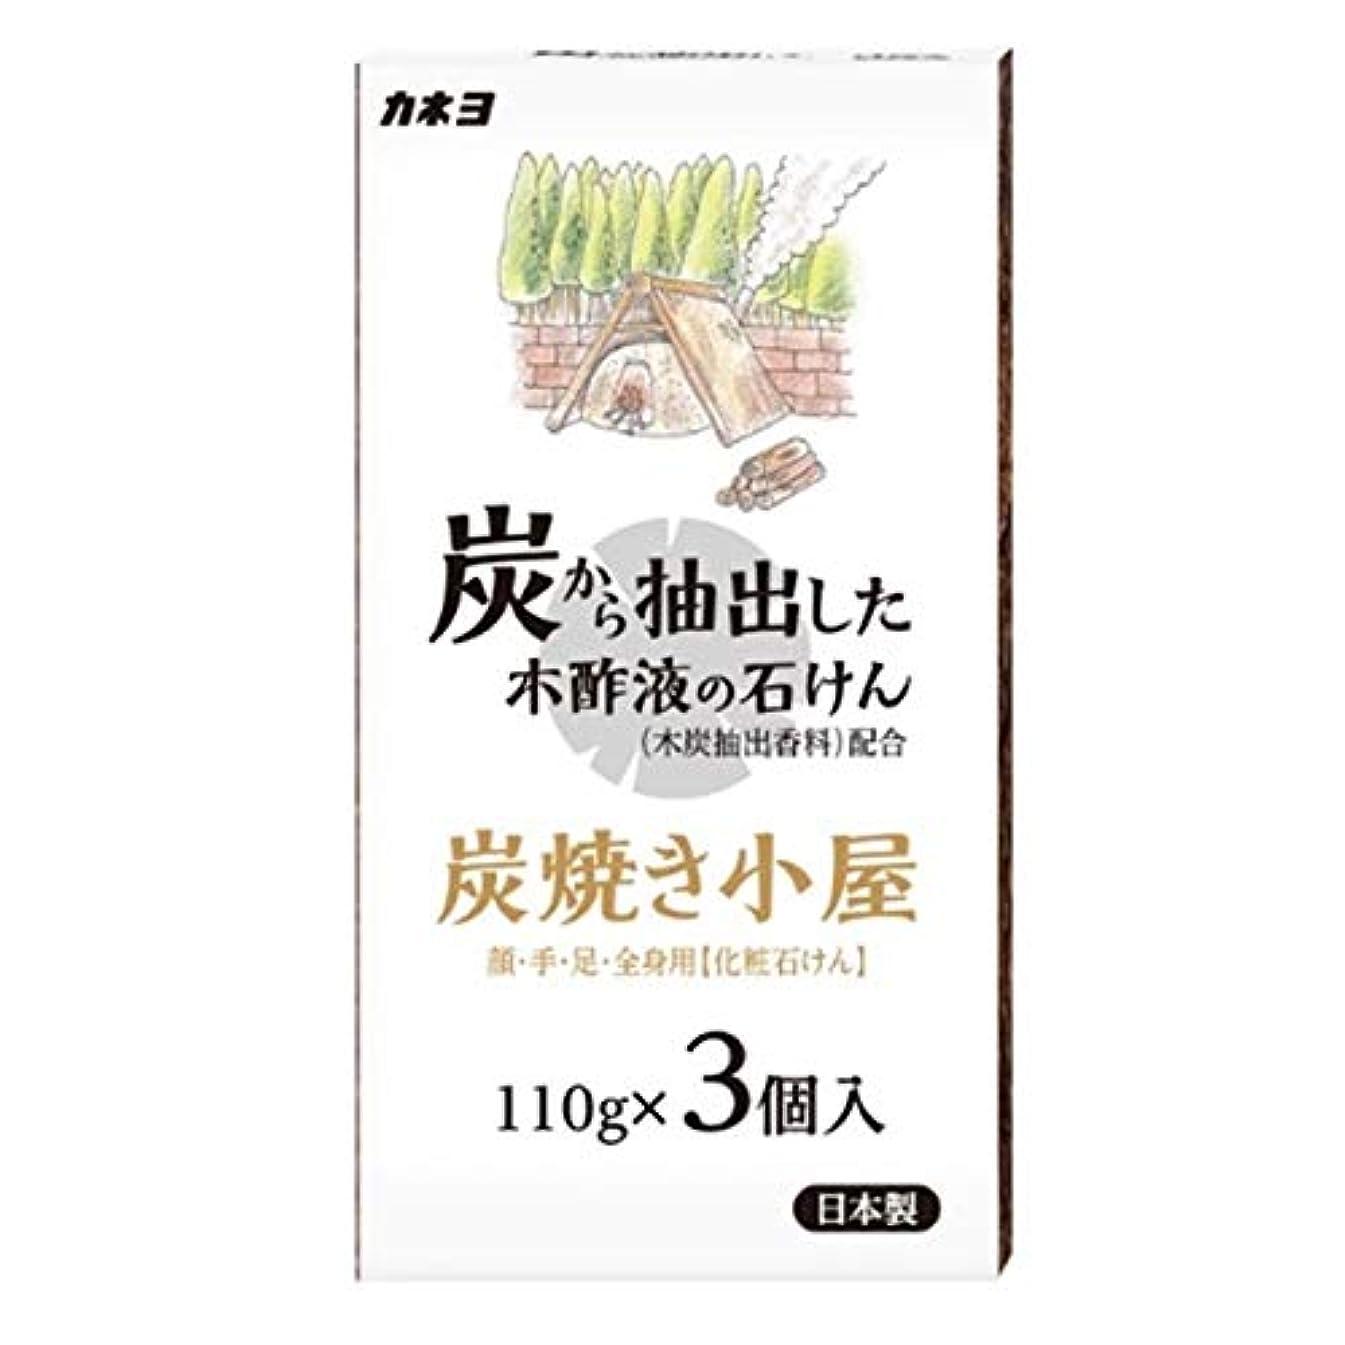 百養う結婚式【ケース販売】 カネヨ石鹸 炭焼小屋 化粧石けん 110g×3個入 36箱